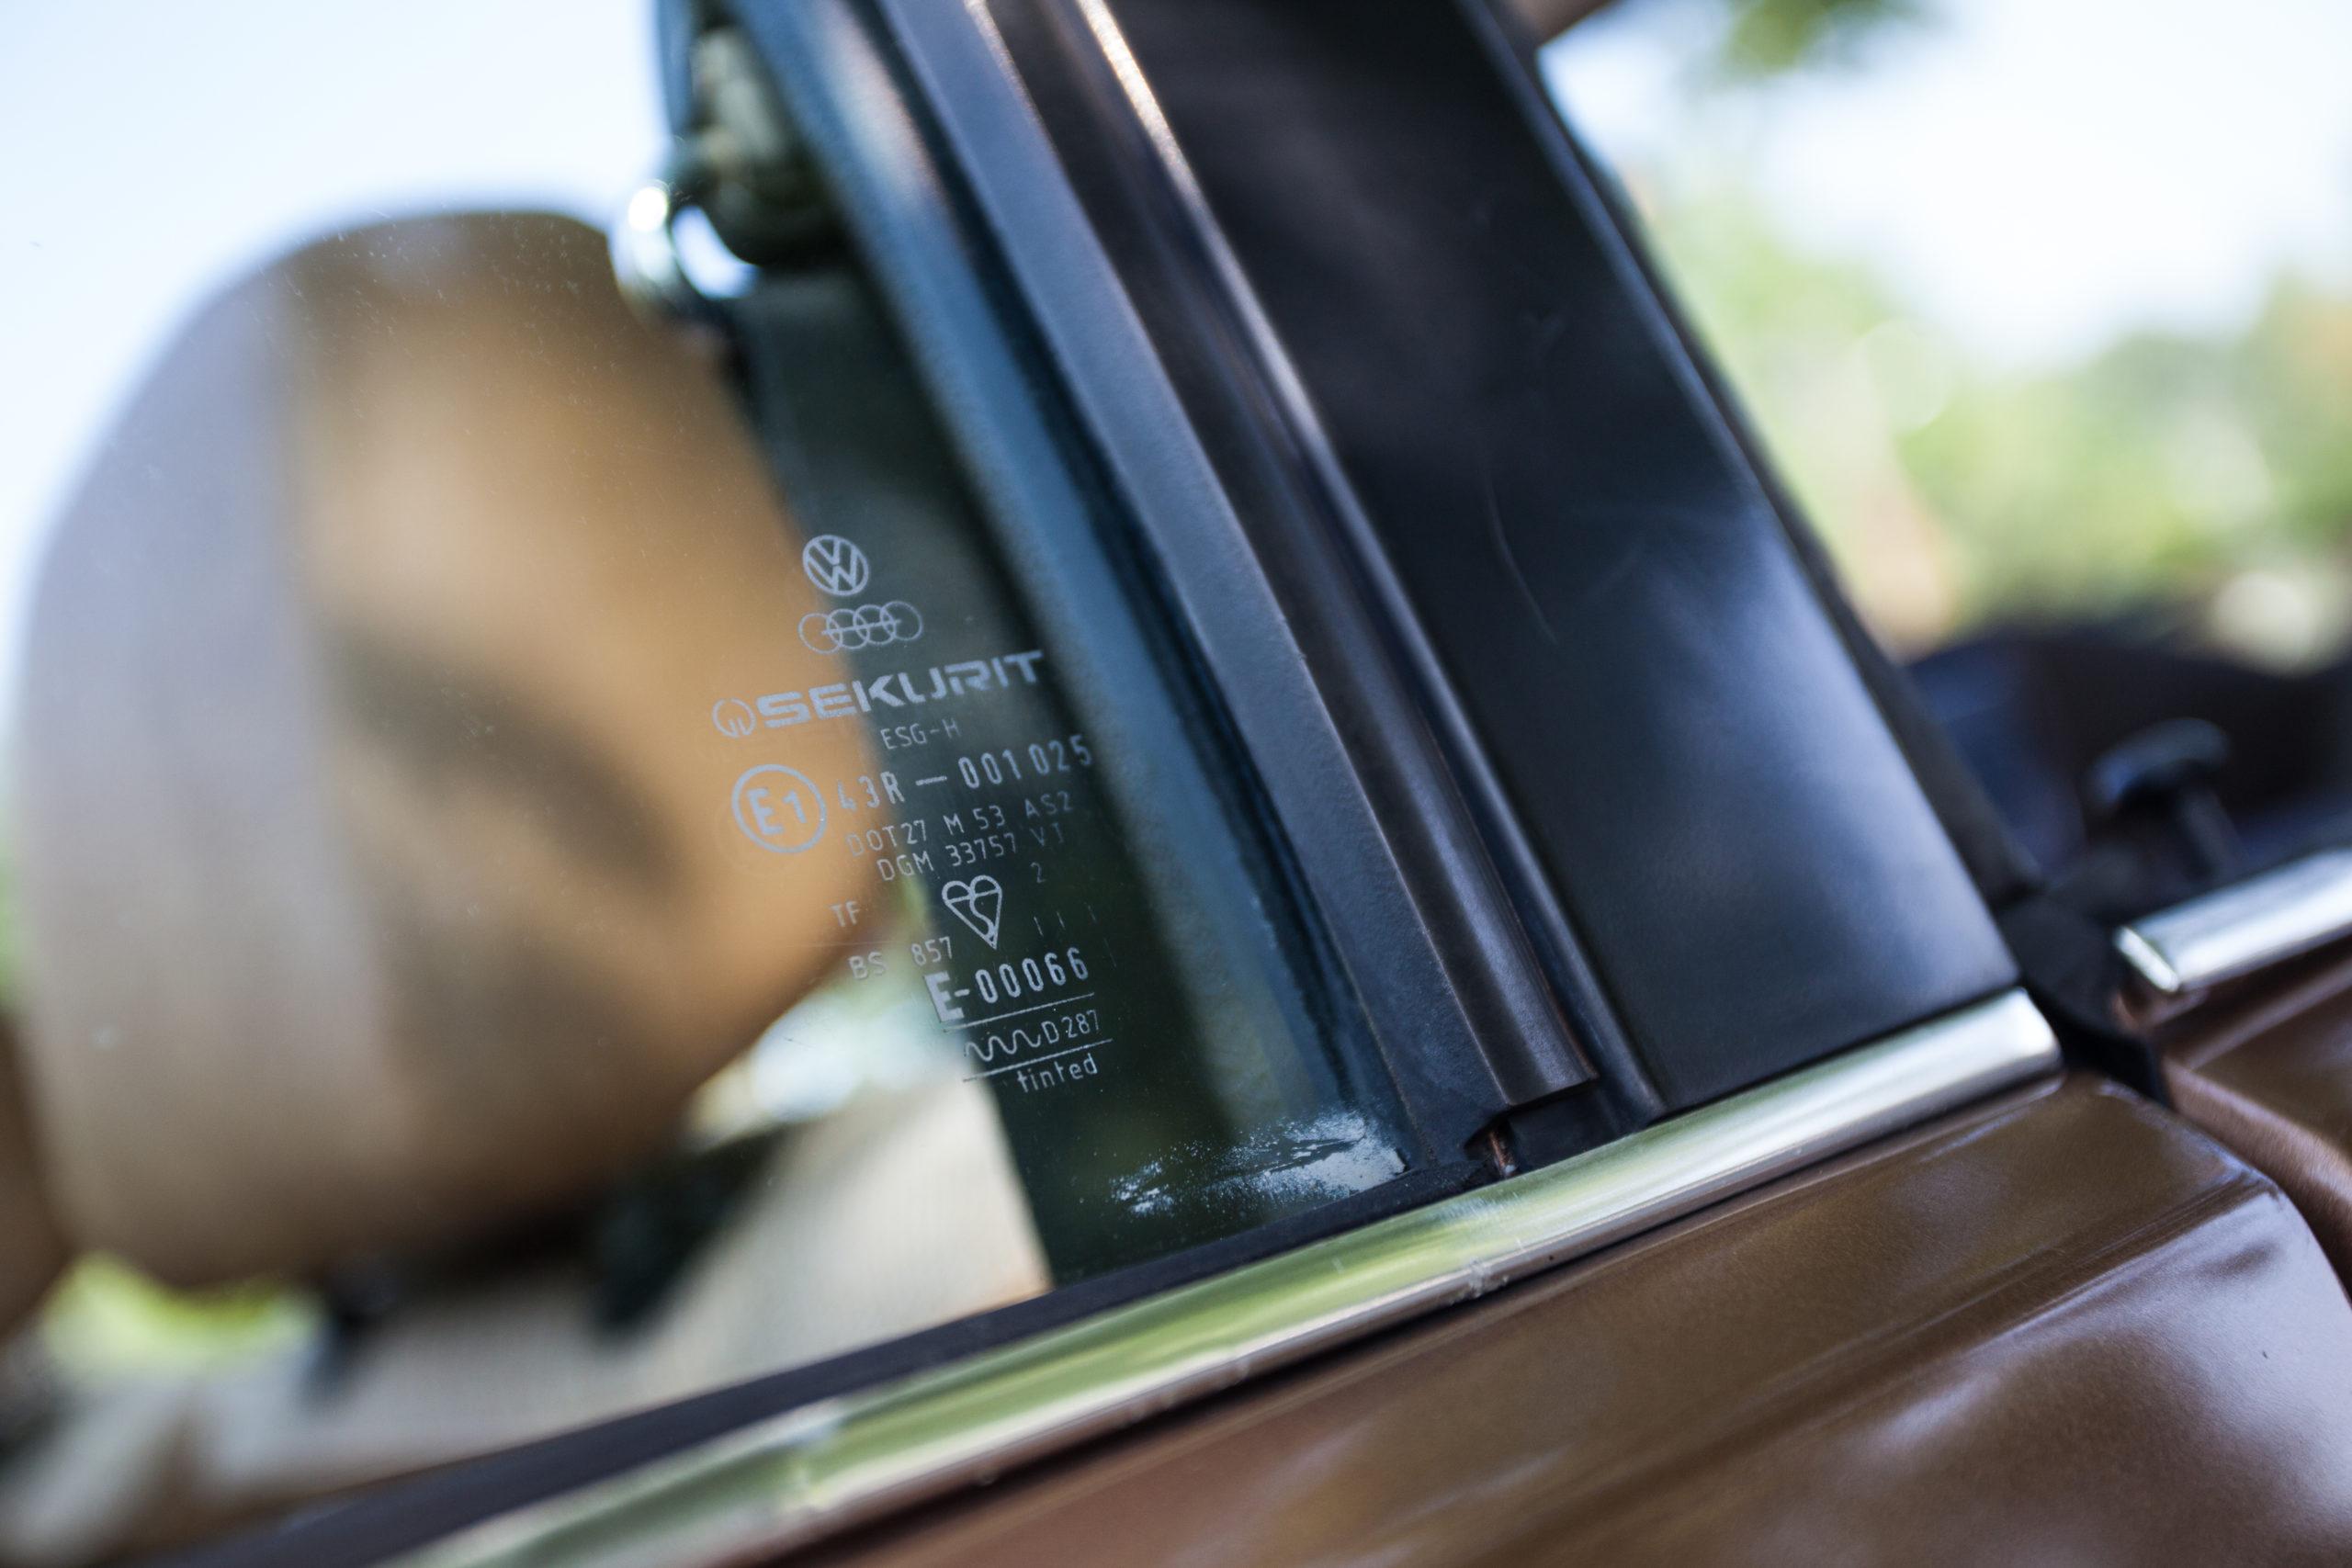 VW-Golf-Mk1-cabrio-GL-oznaczenie na szybie